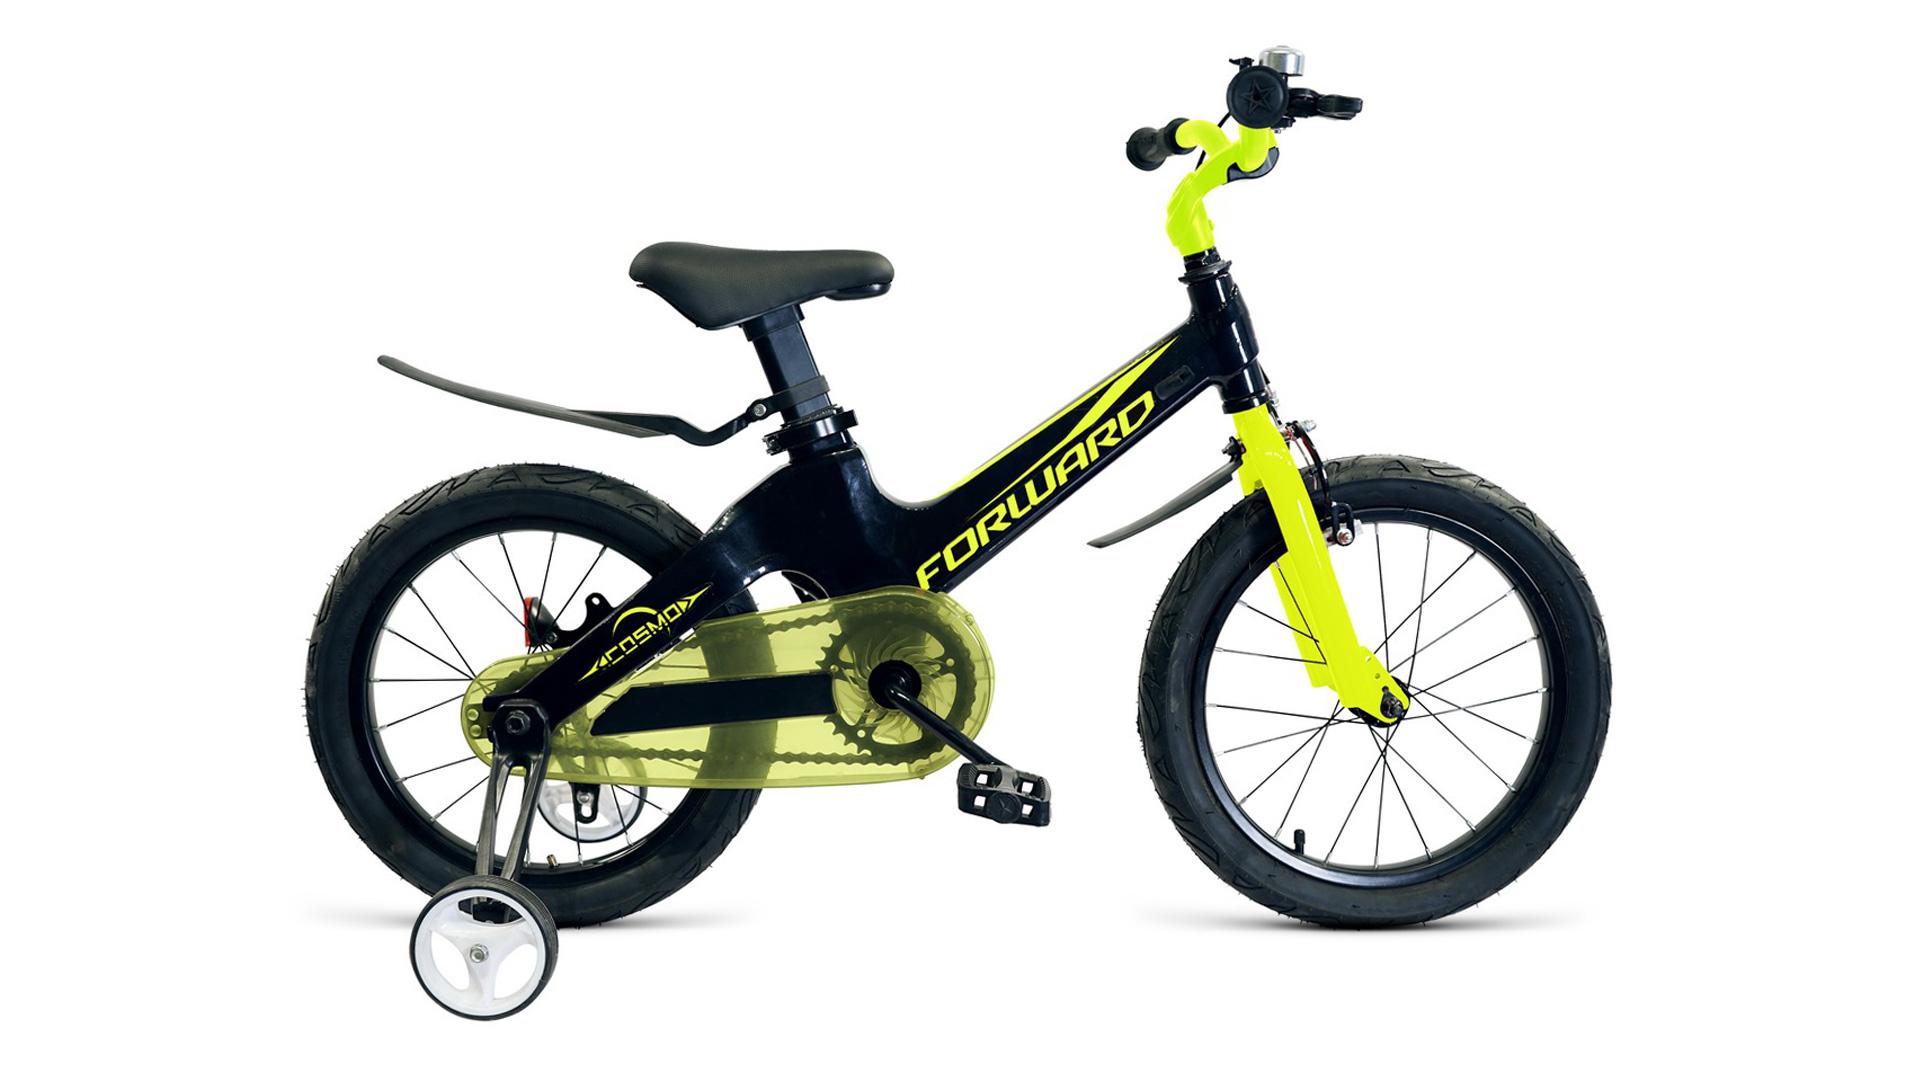 Велосипед Forward Cosmo, черный, зеленый велосипед forward barcelona 1 0 2017